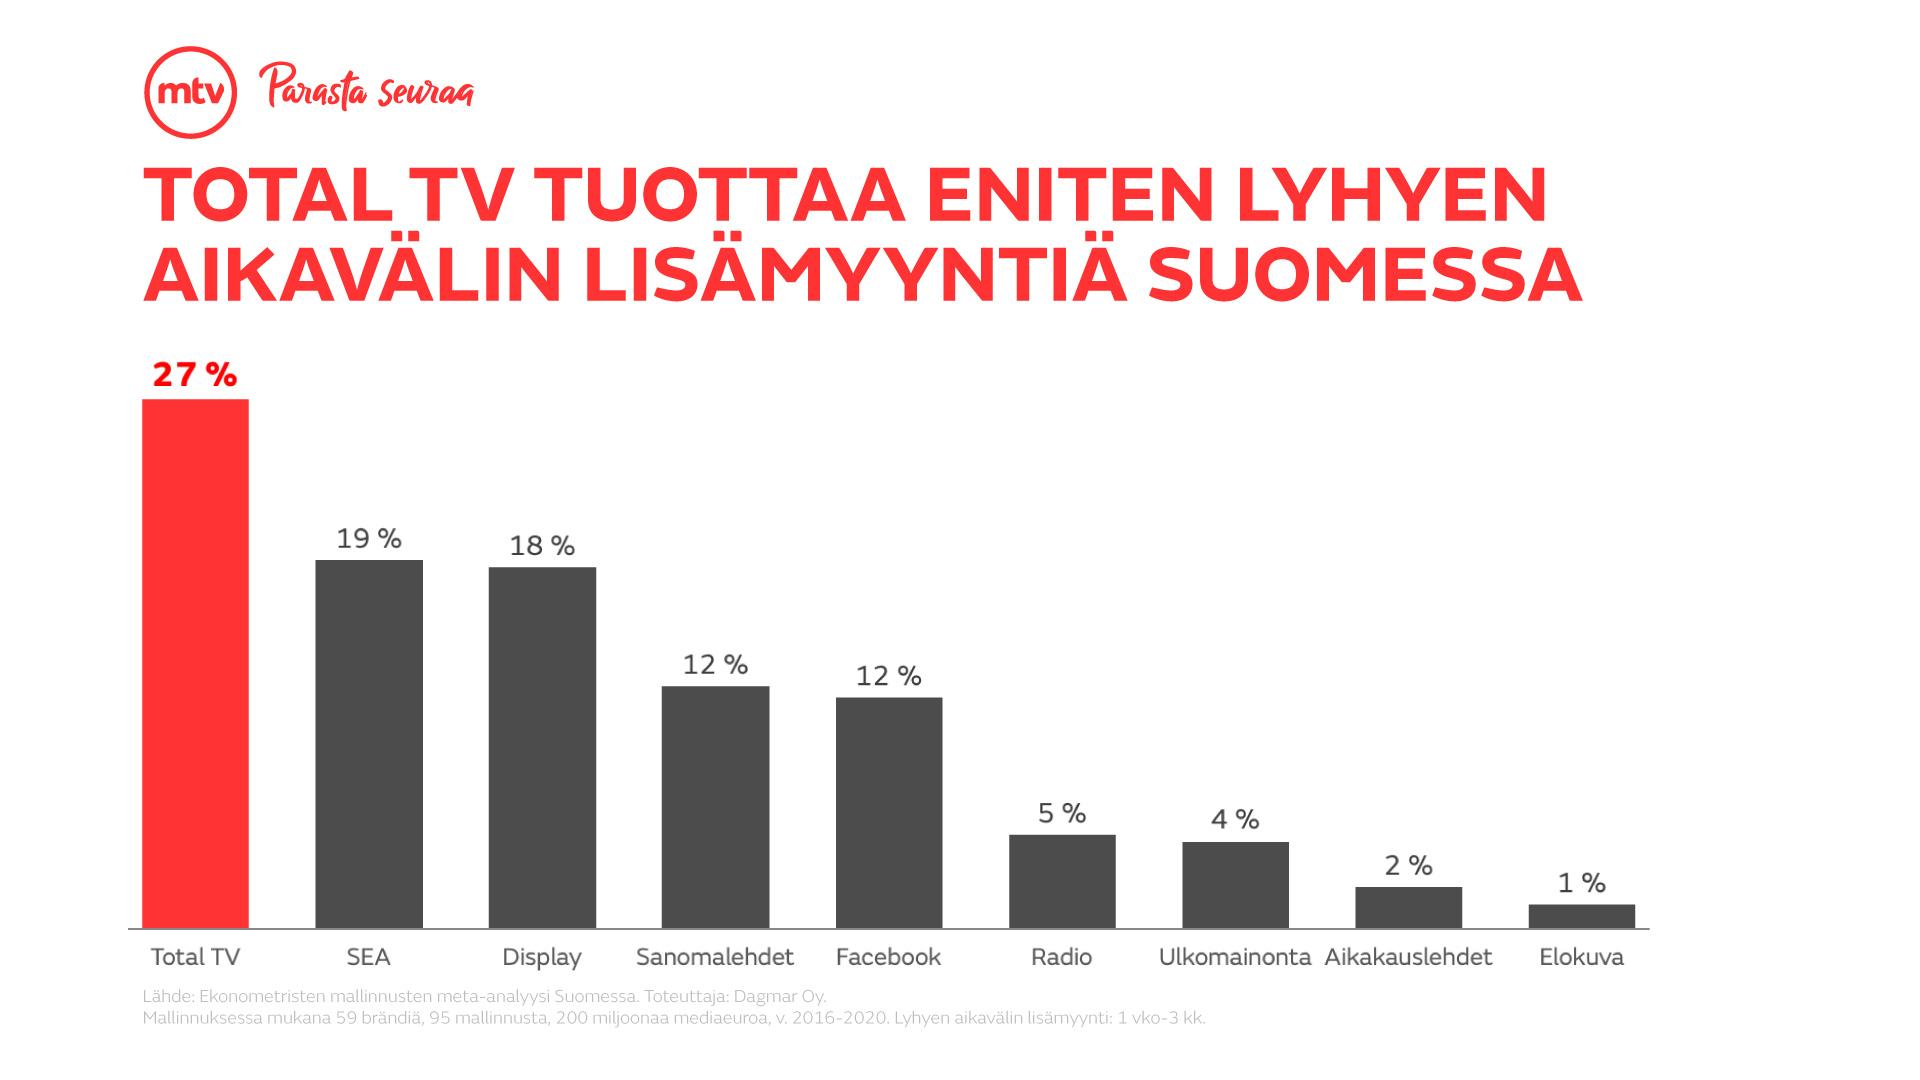 MTV_totalTV_eniten_lisamyyntia__some_3_169